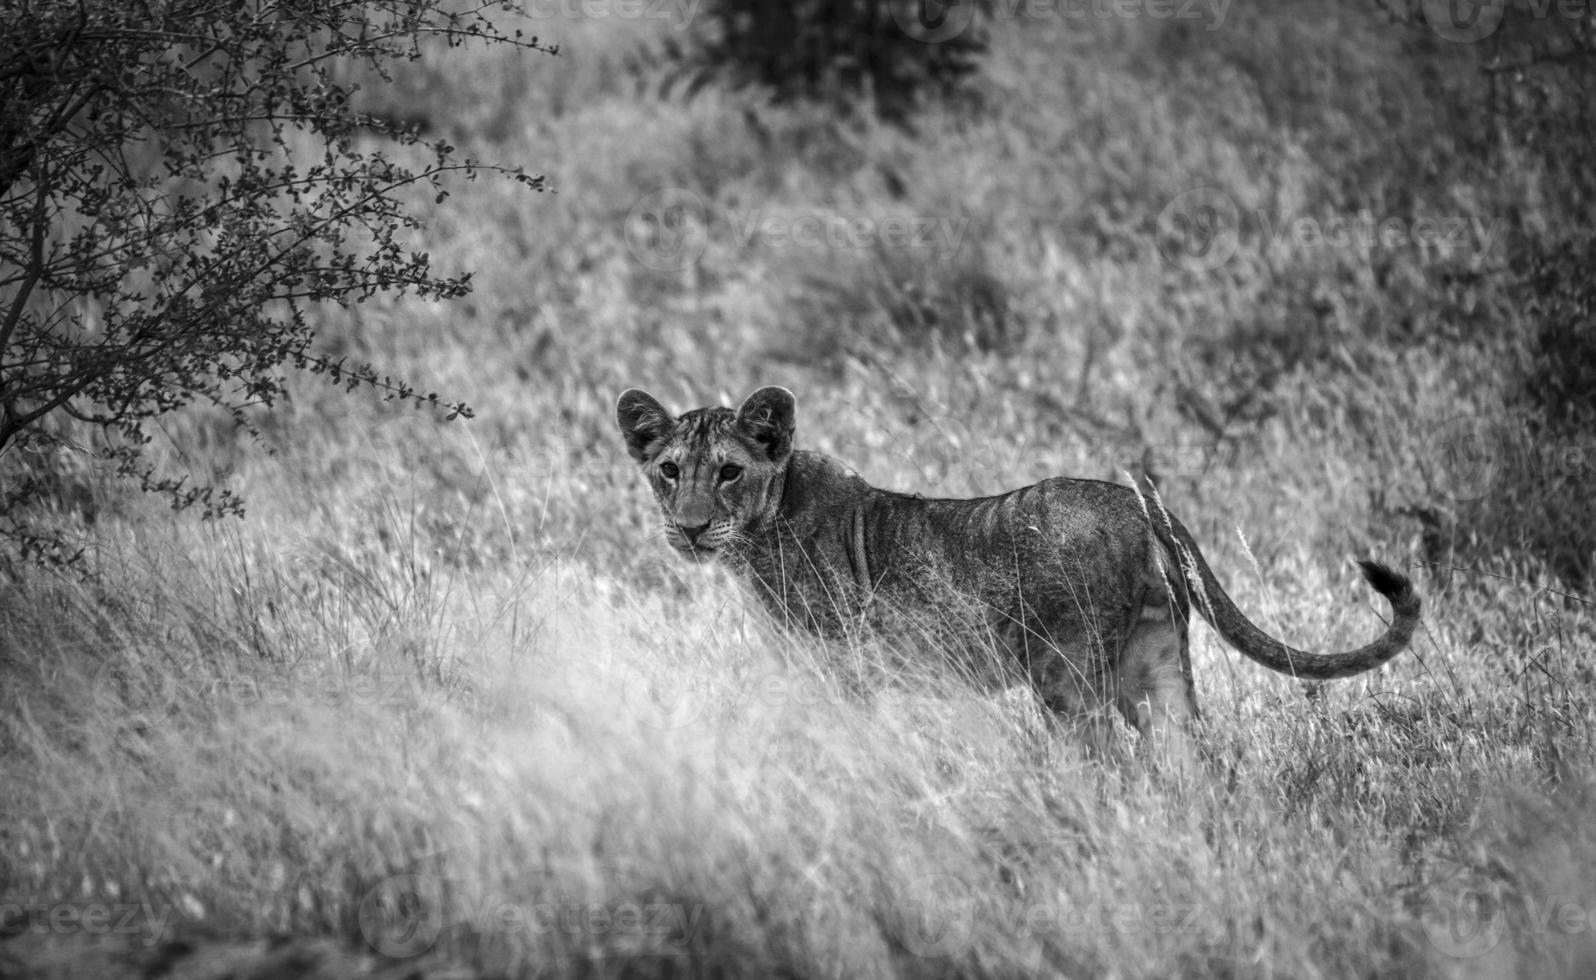 cachorro de león en blanco y negro foto